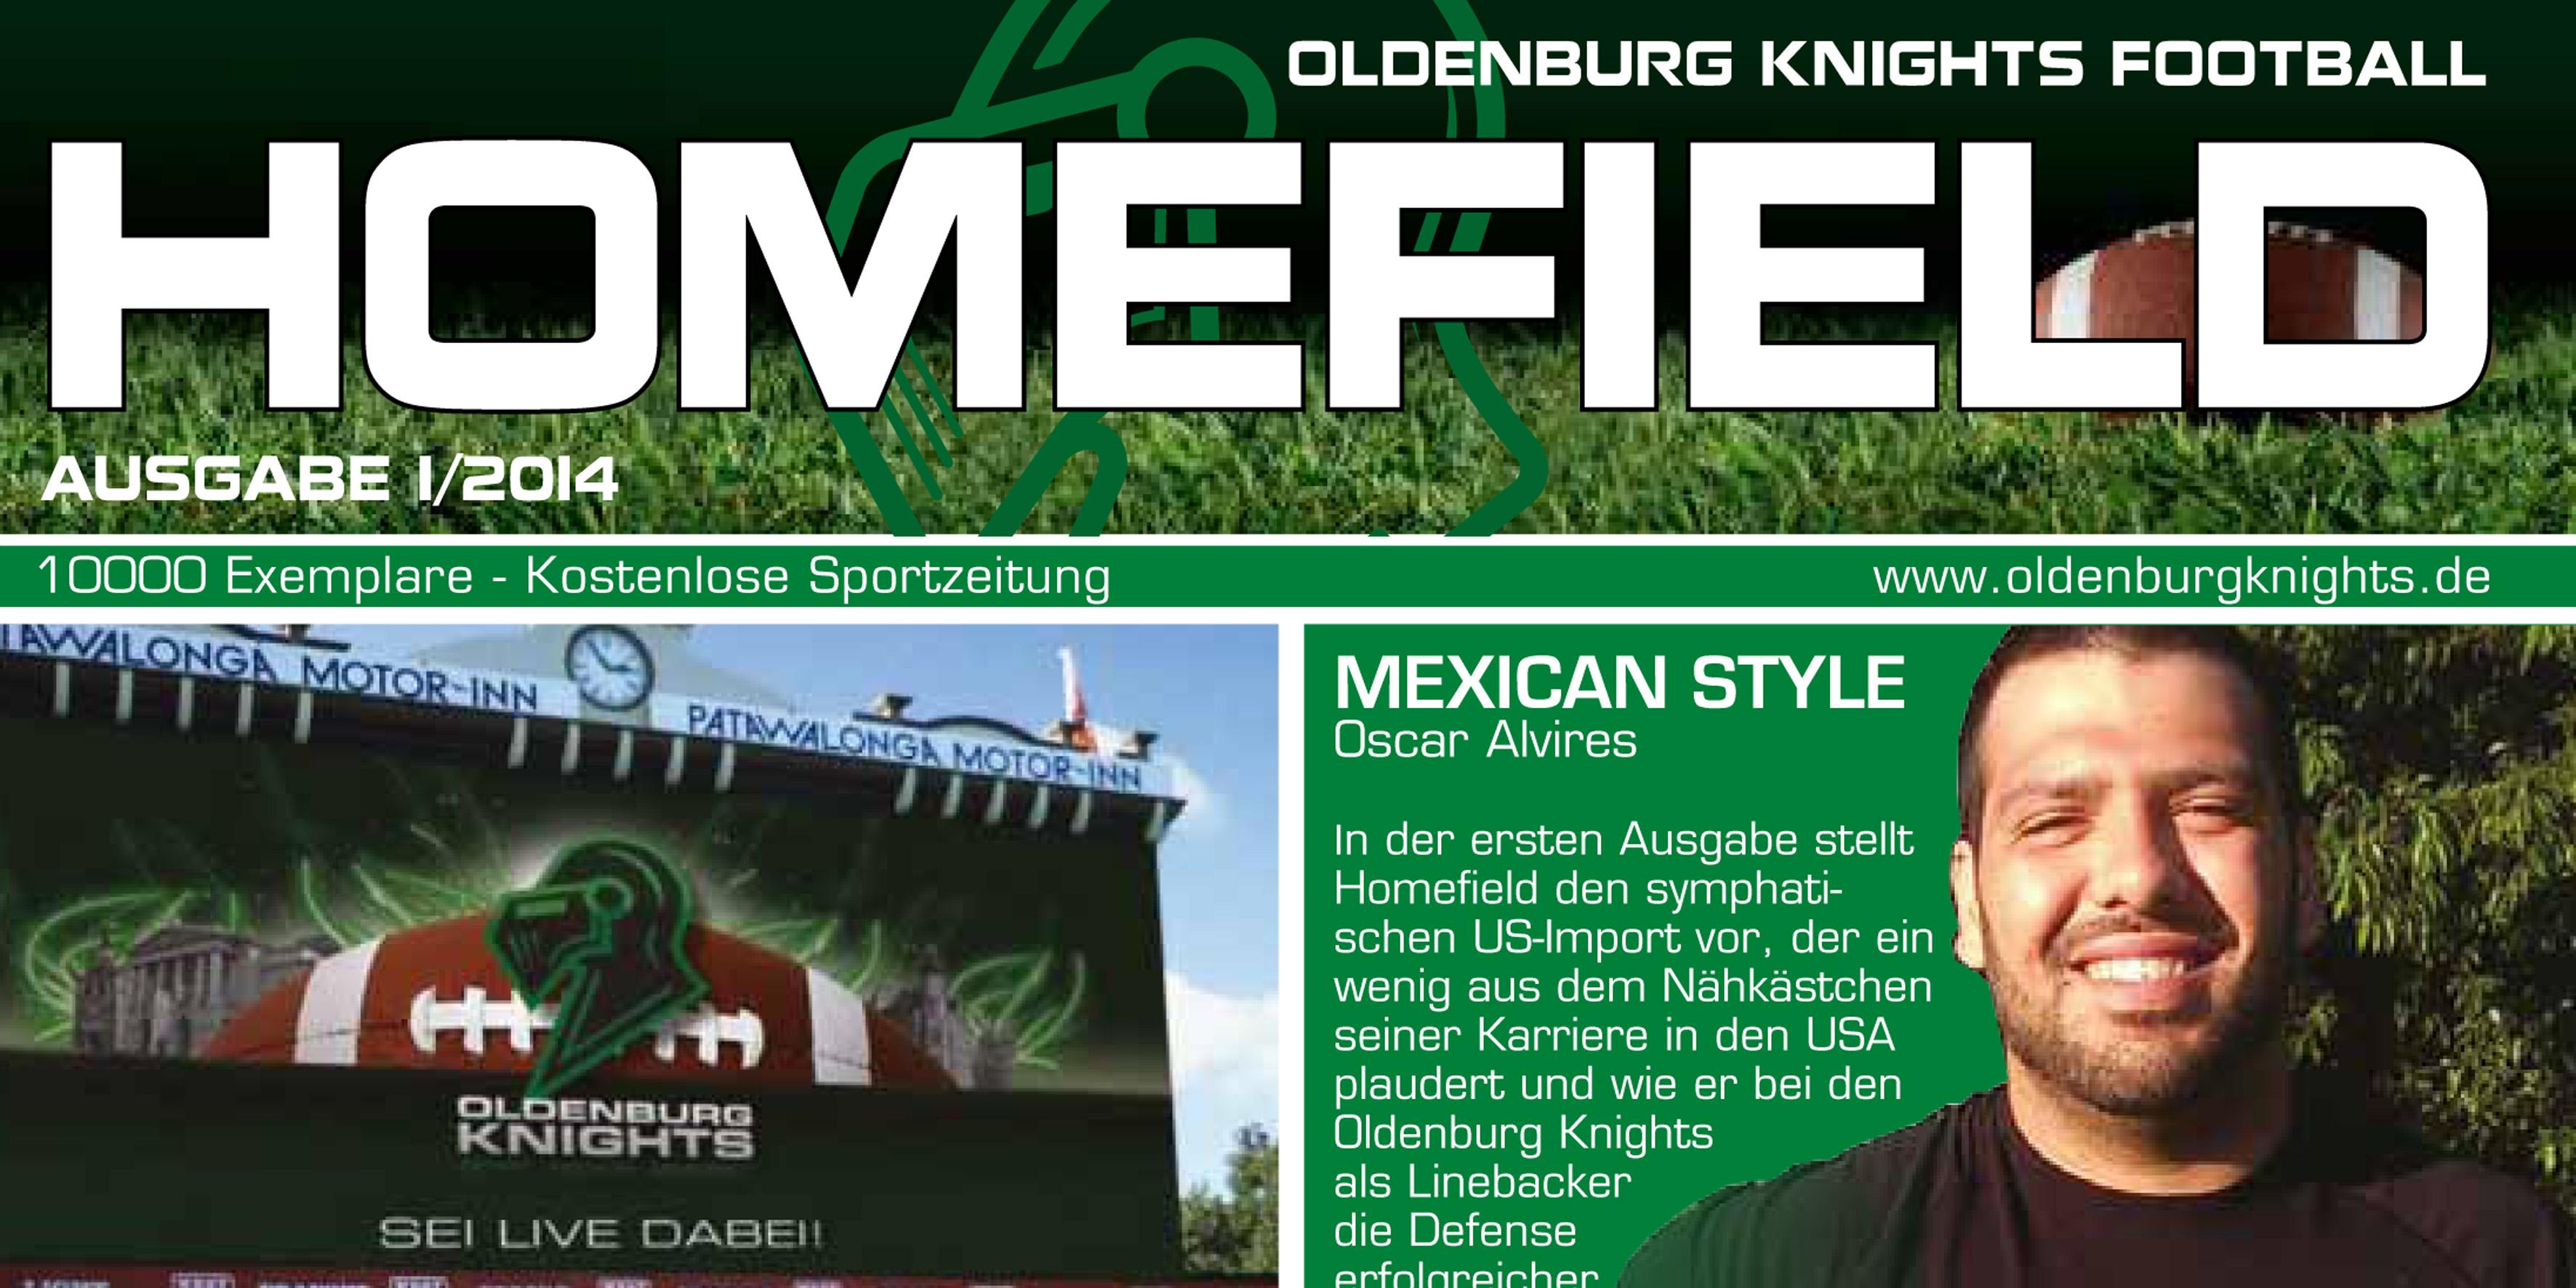 Ausgabe Knights Homefield 01/2014